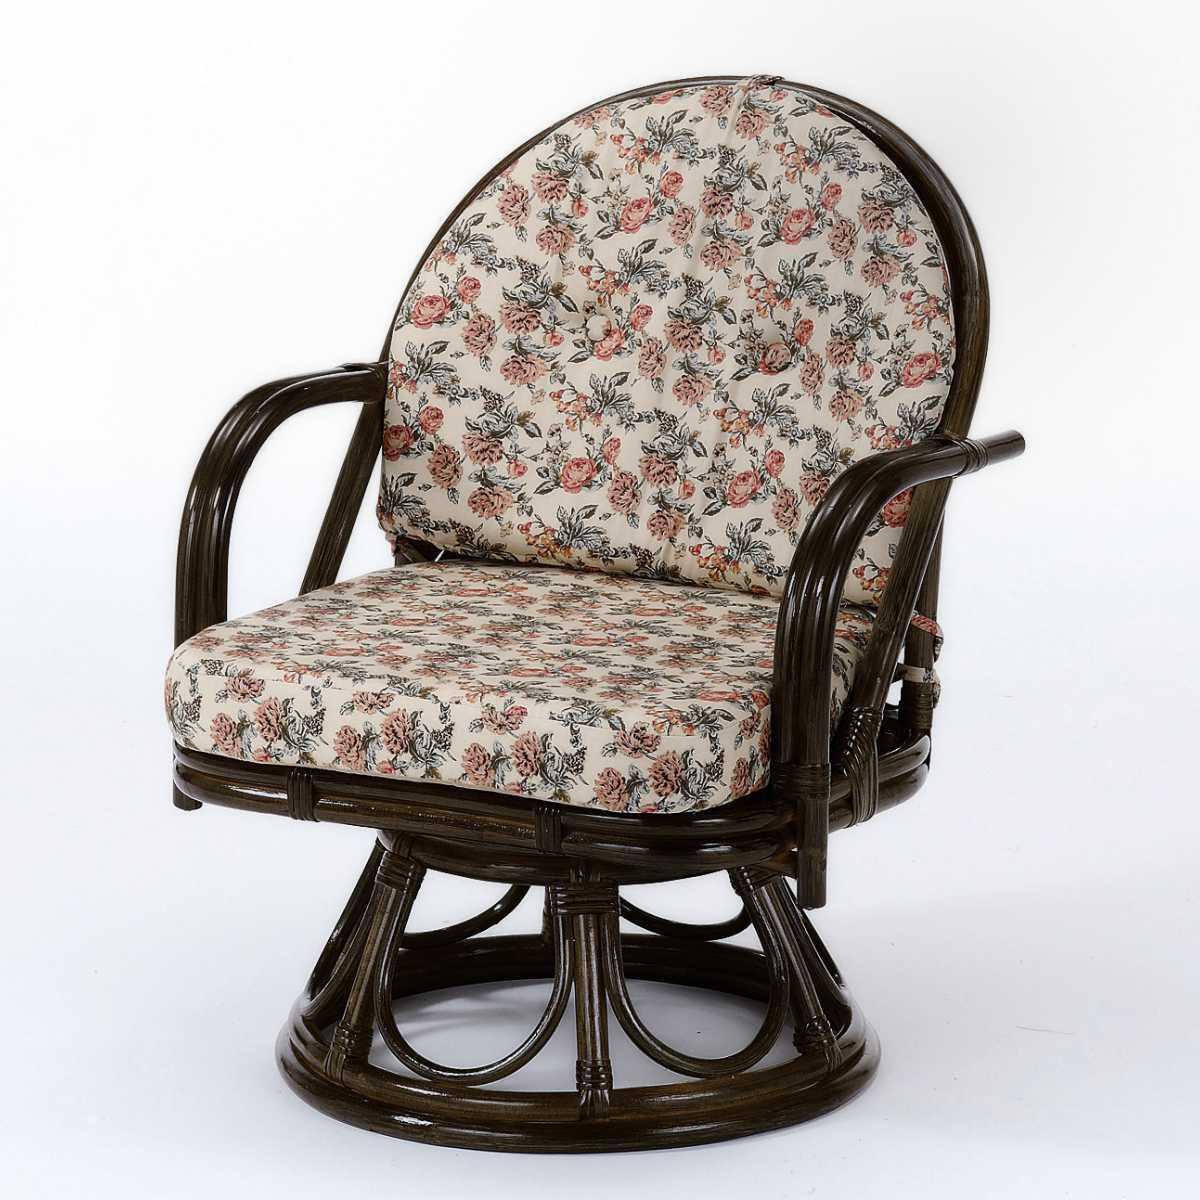 回転座椅子 ラタン ミドルハイタイプ 籐家具 座面高35cm ( 送料無料 イス チェア アジアン )